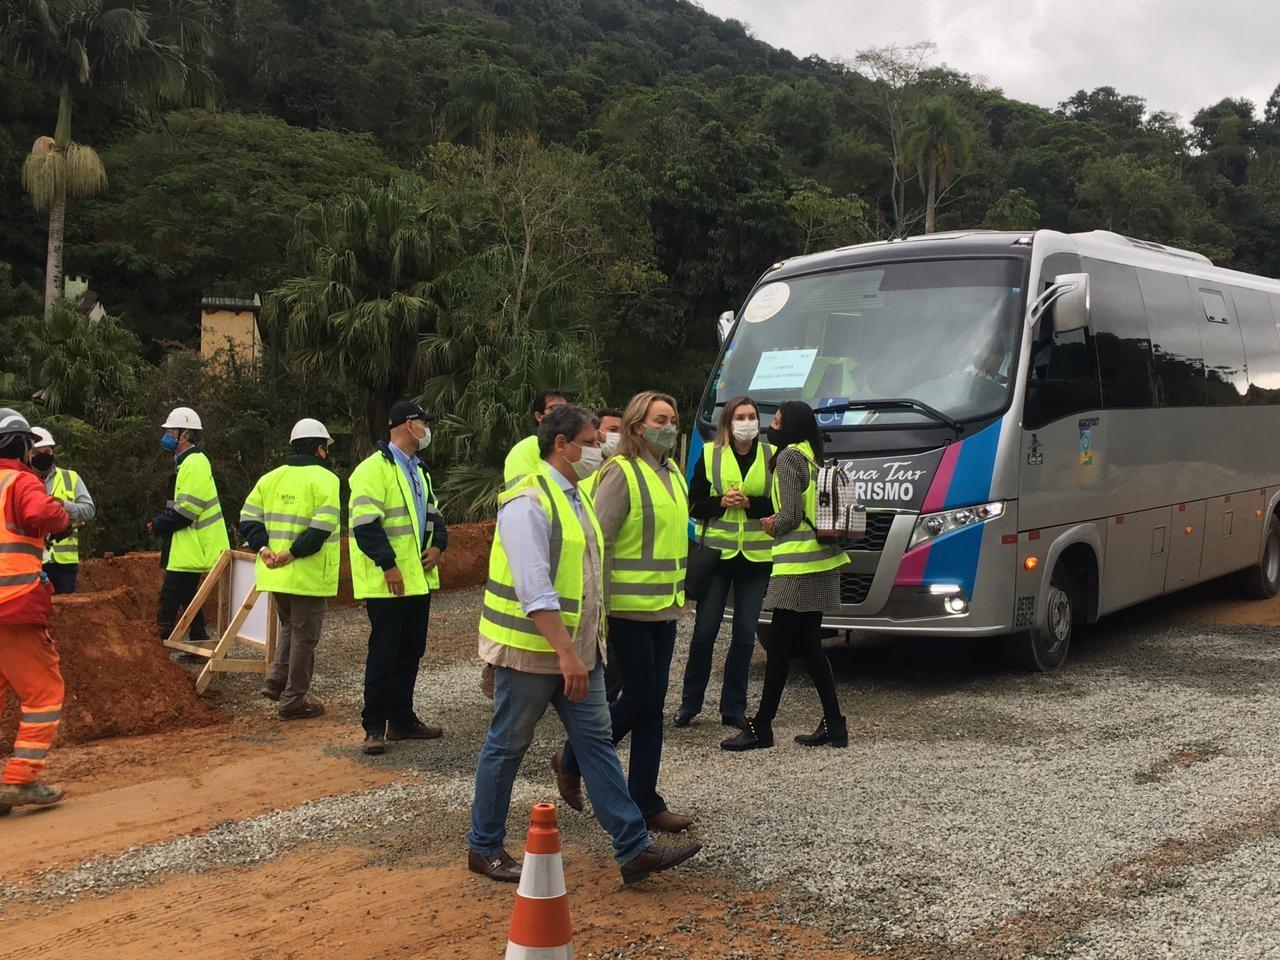 Obras do contorno viário da Grande Florianópolis devem ser concluídas até o fim de 2023